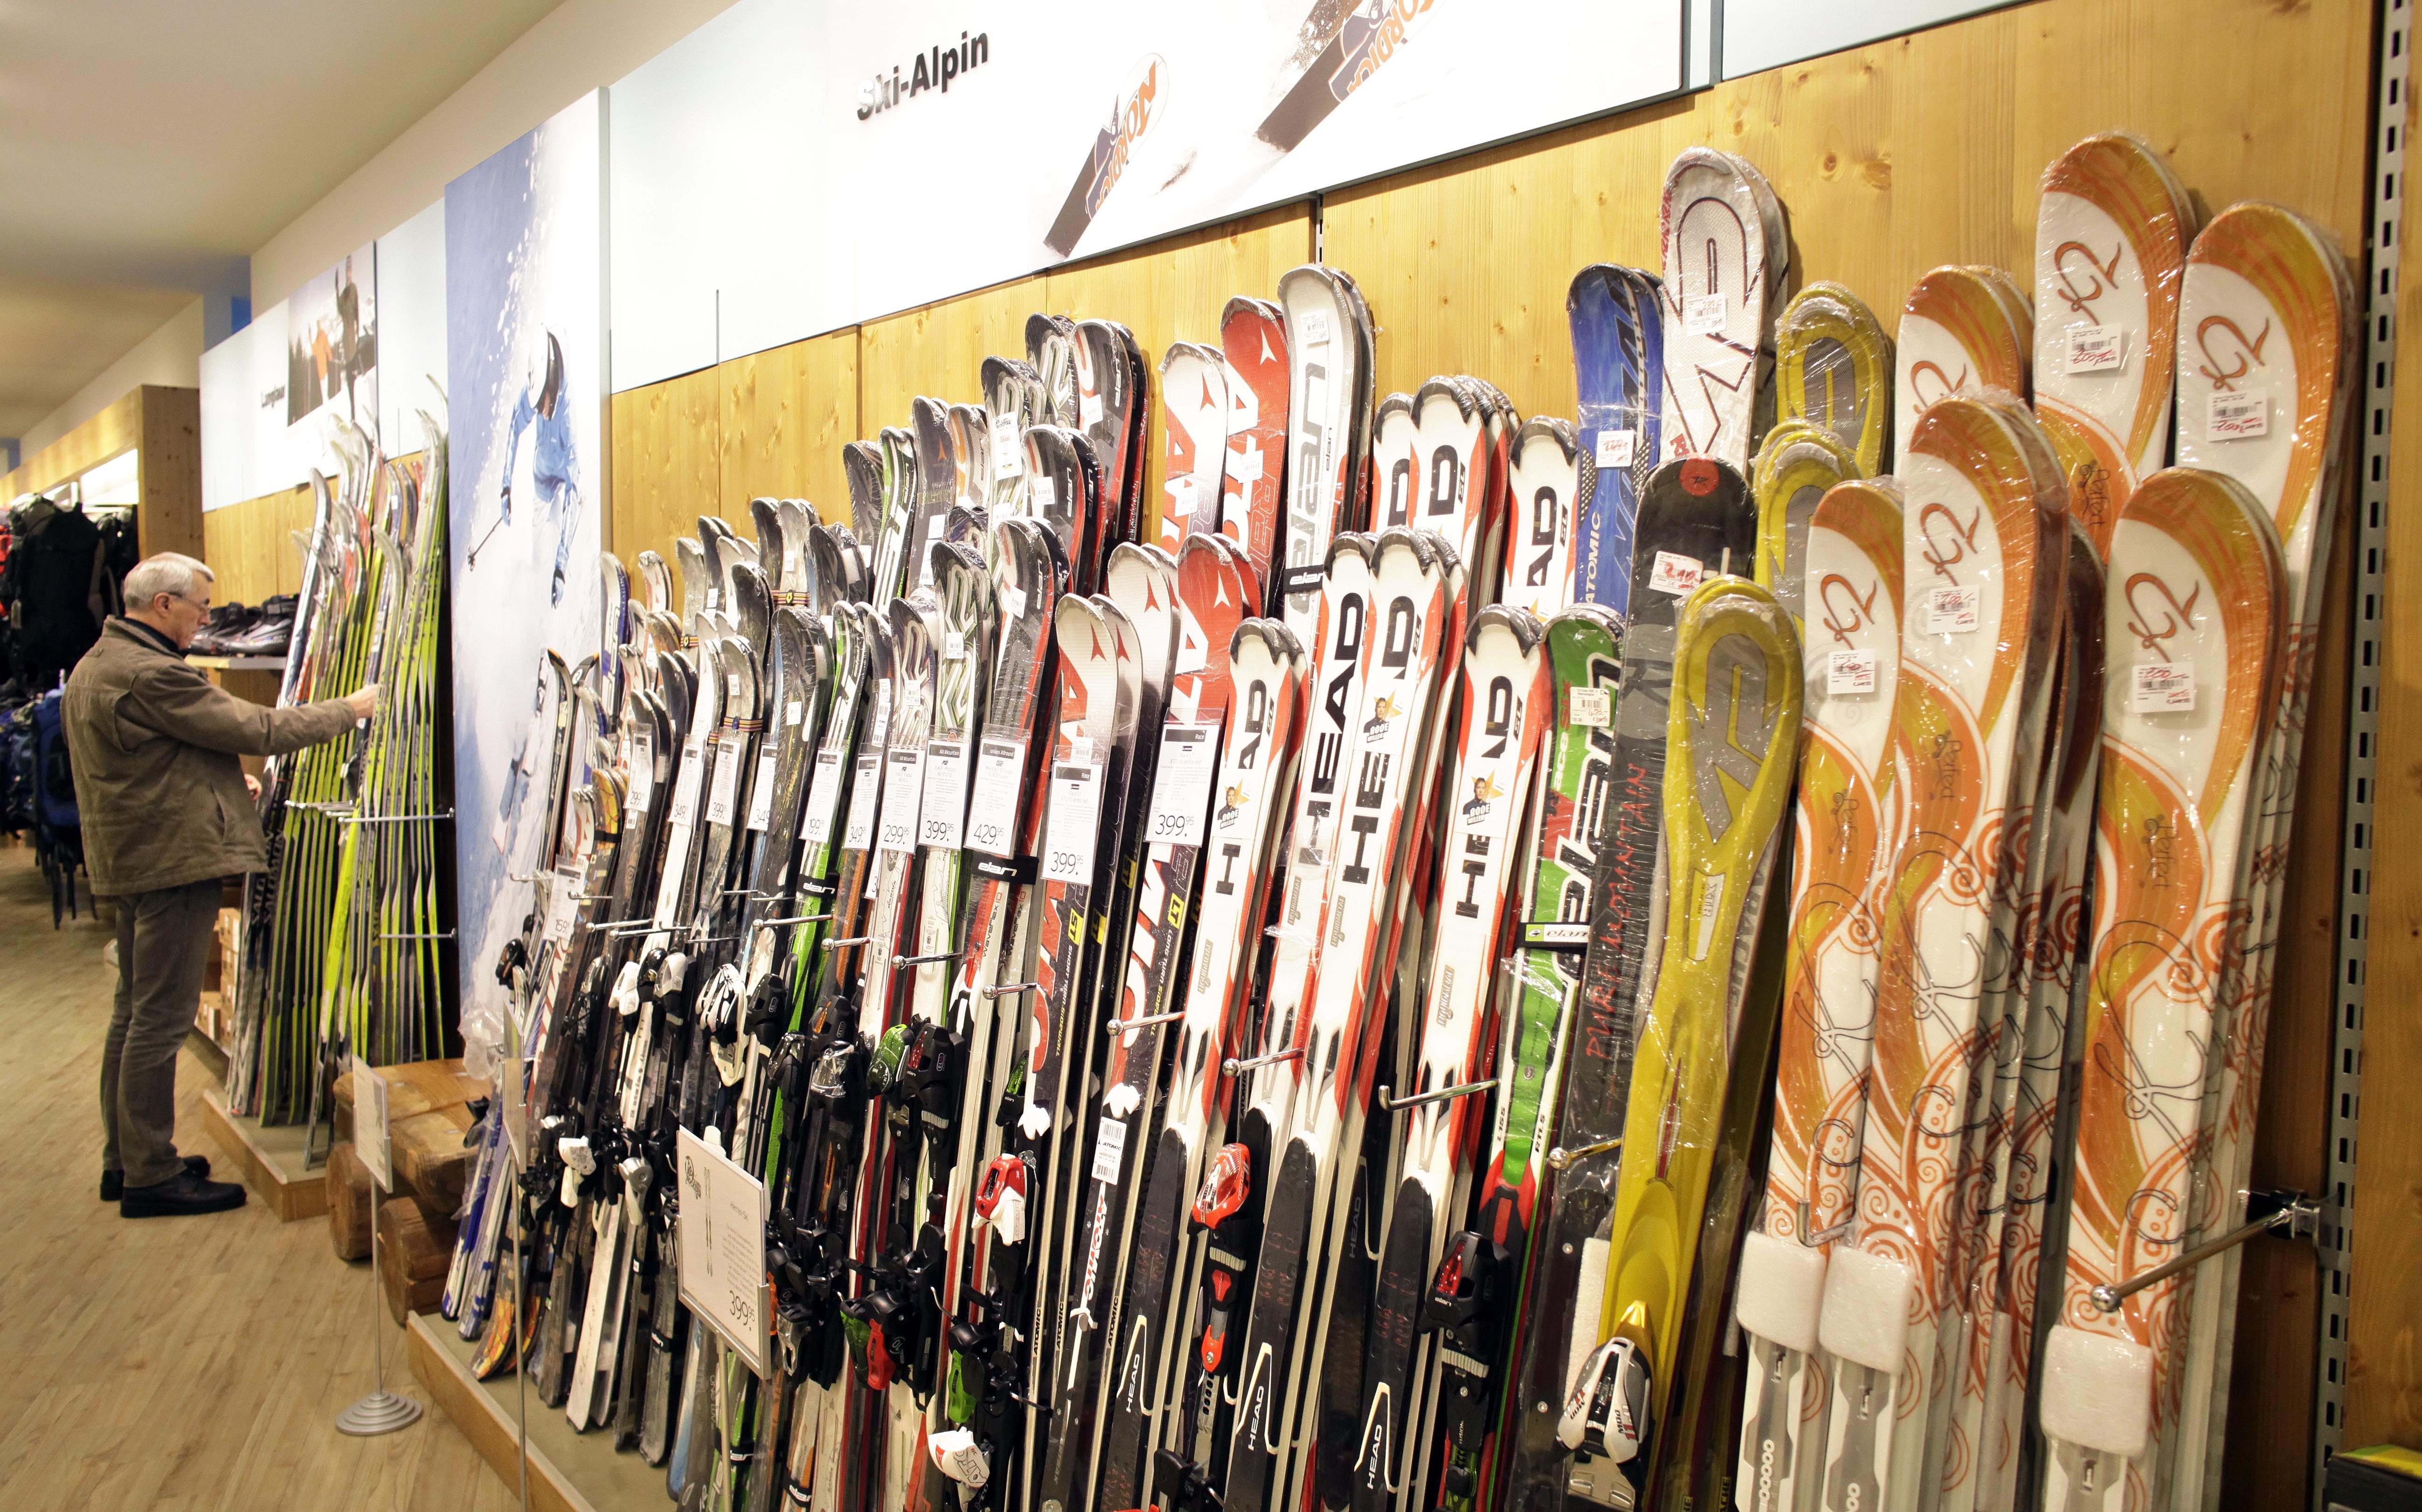 Kletterausrüstung Richtig Lagern : Wie soll man ski am besten lagern?